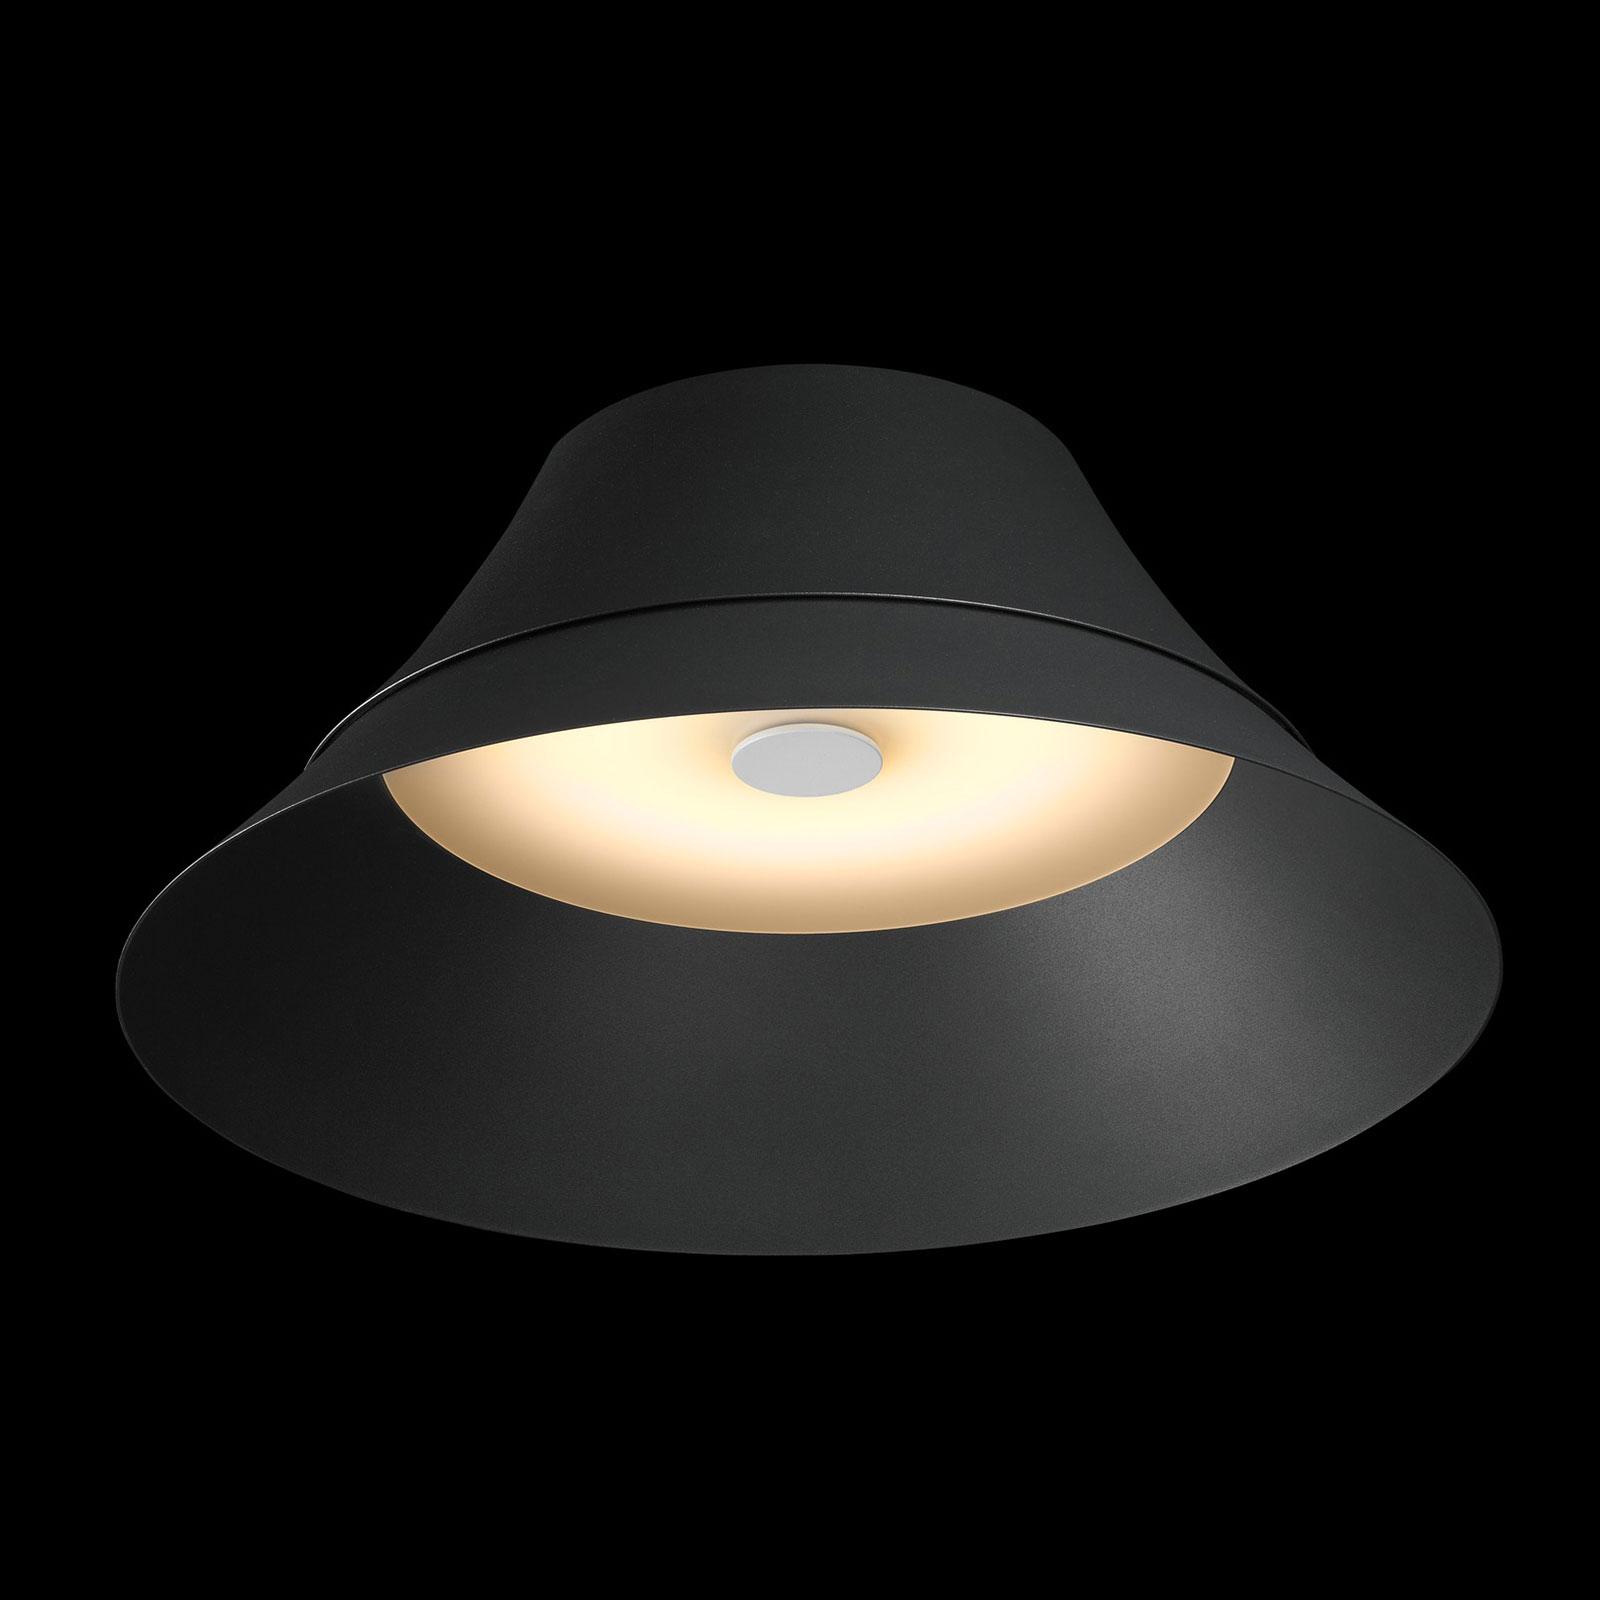 SLV Bato 45 LED-Deckenleuchte schwarz